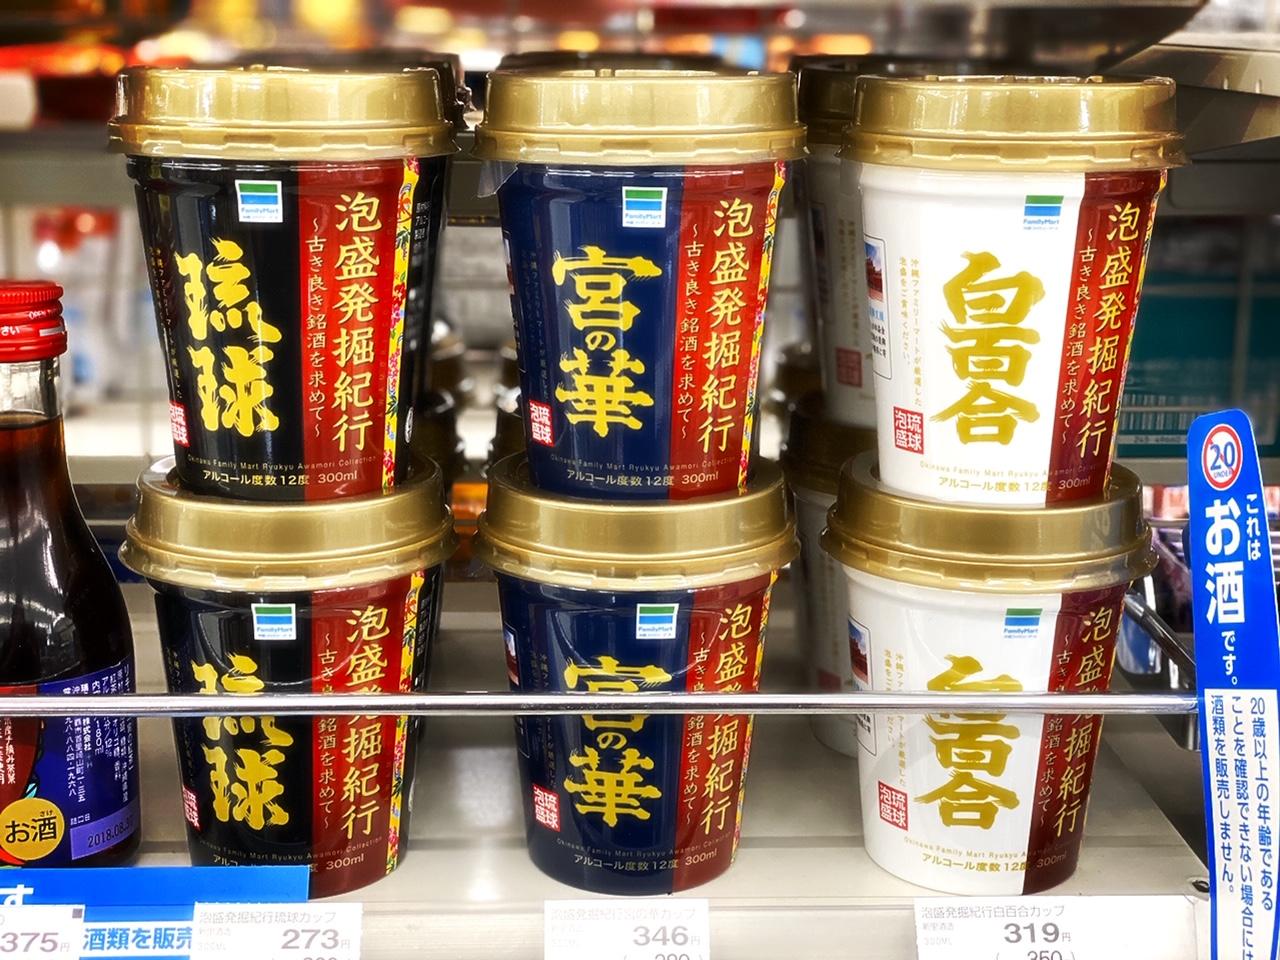 沖縄ファミリーマートでマニアックなカップ泡盛を販売!